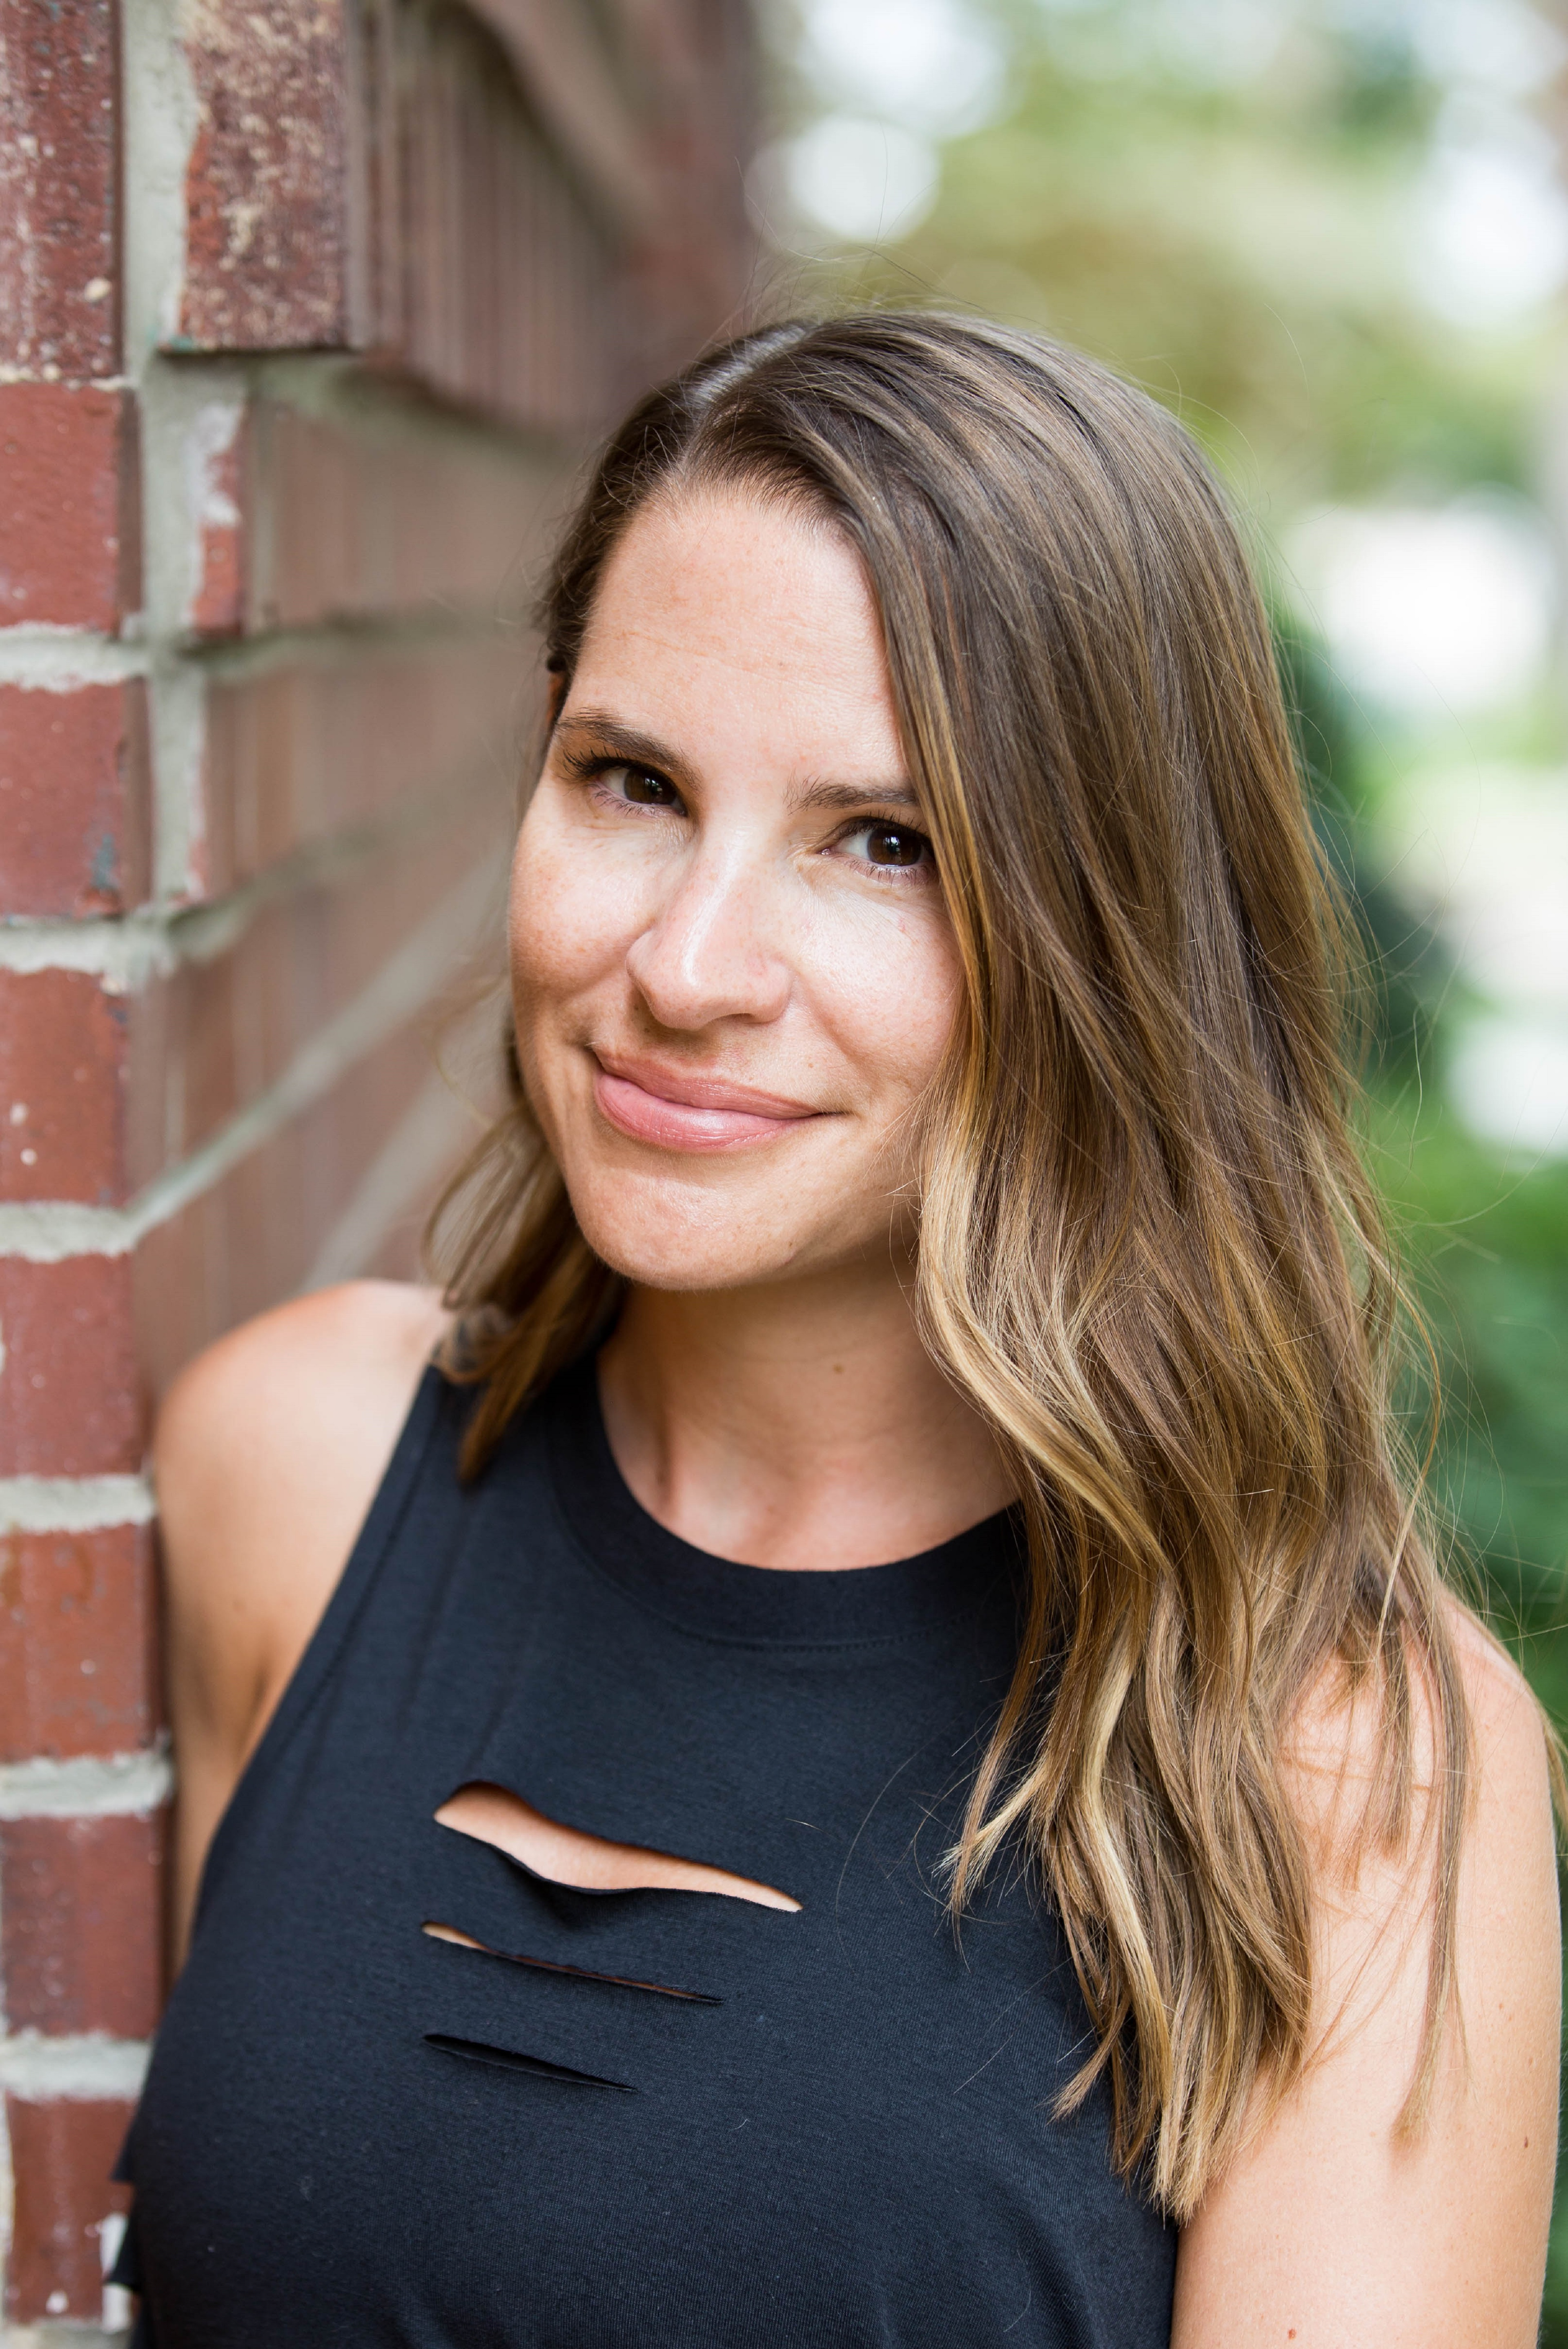 Sara Herman